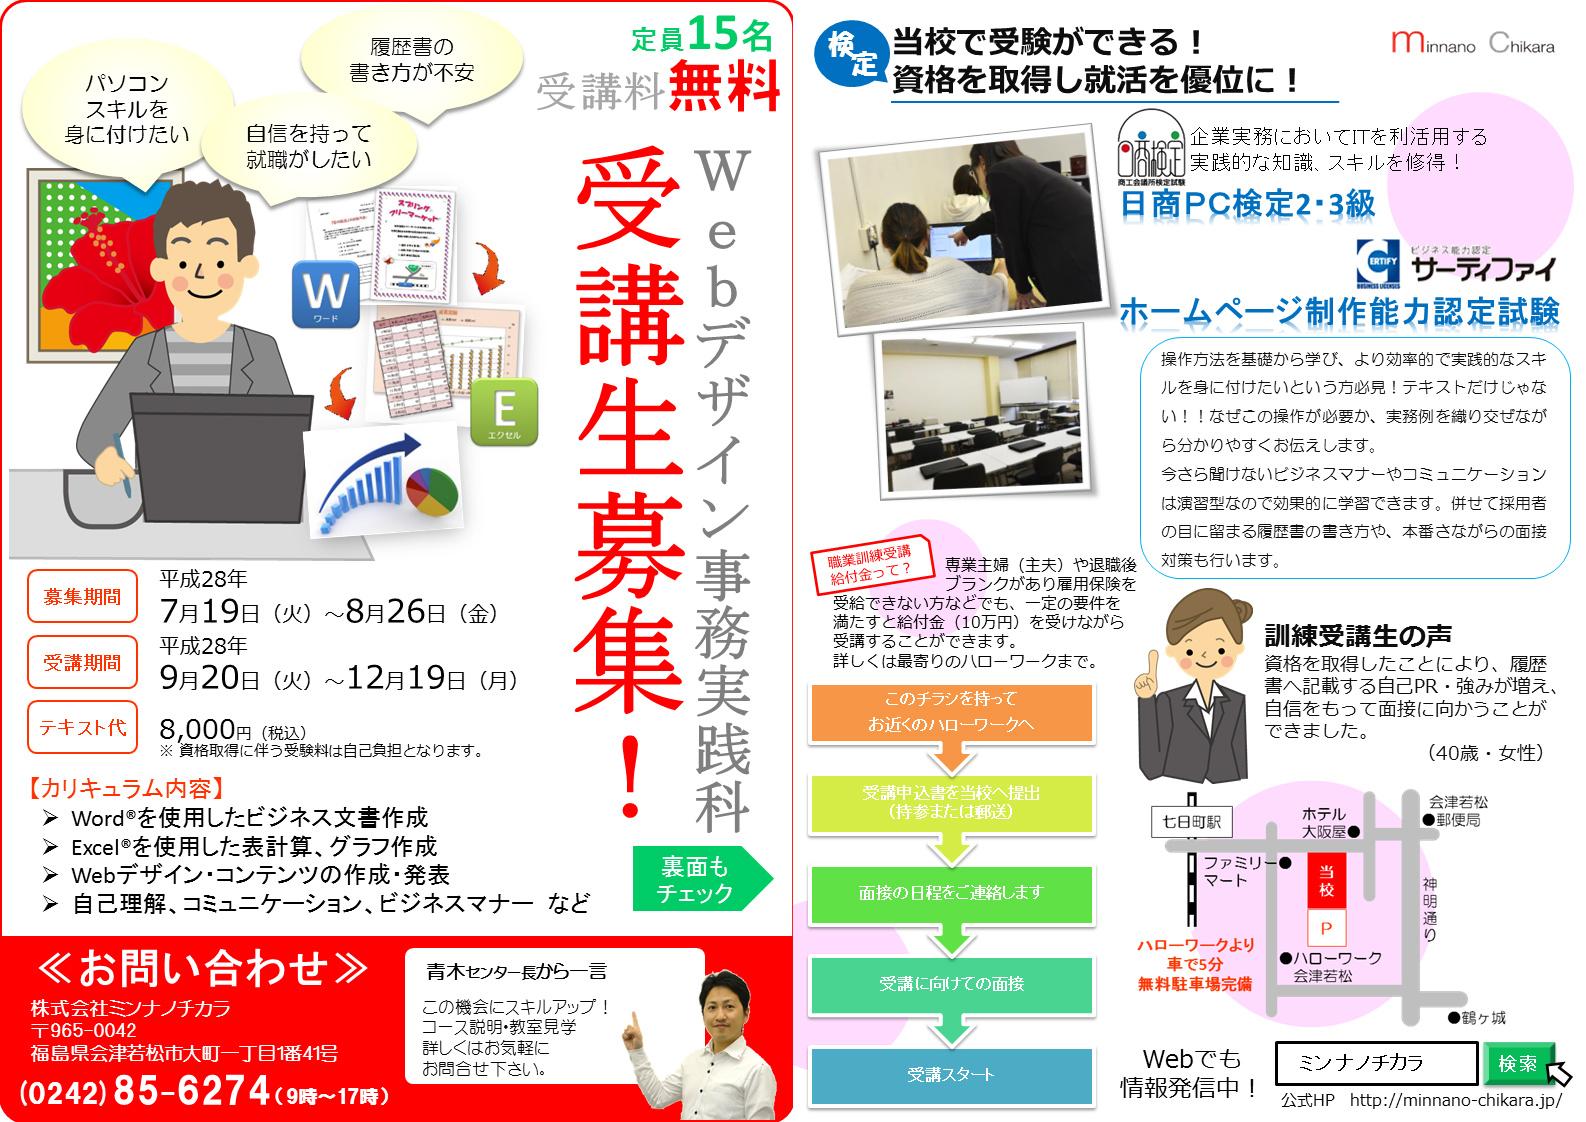 Webデザイン事務実践科